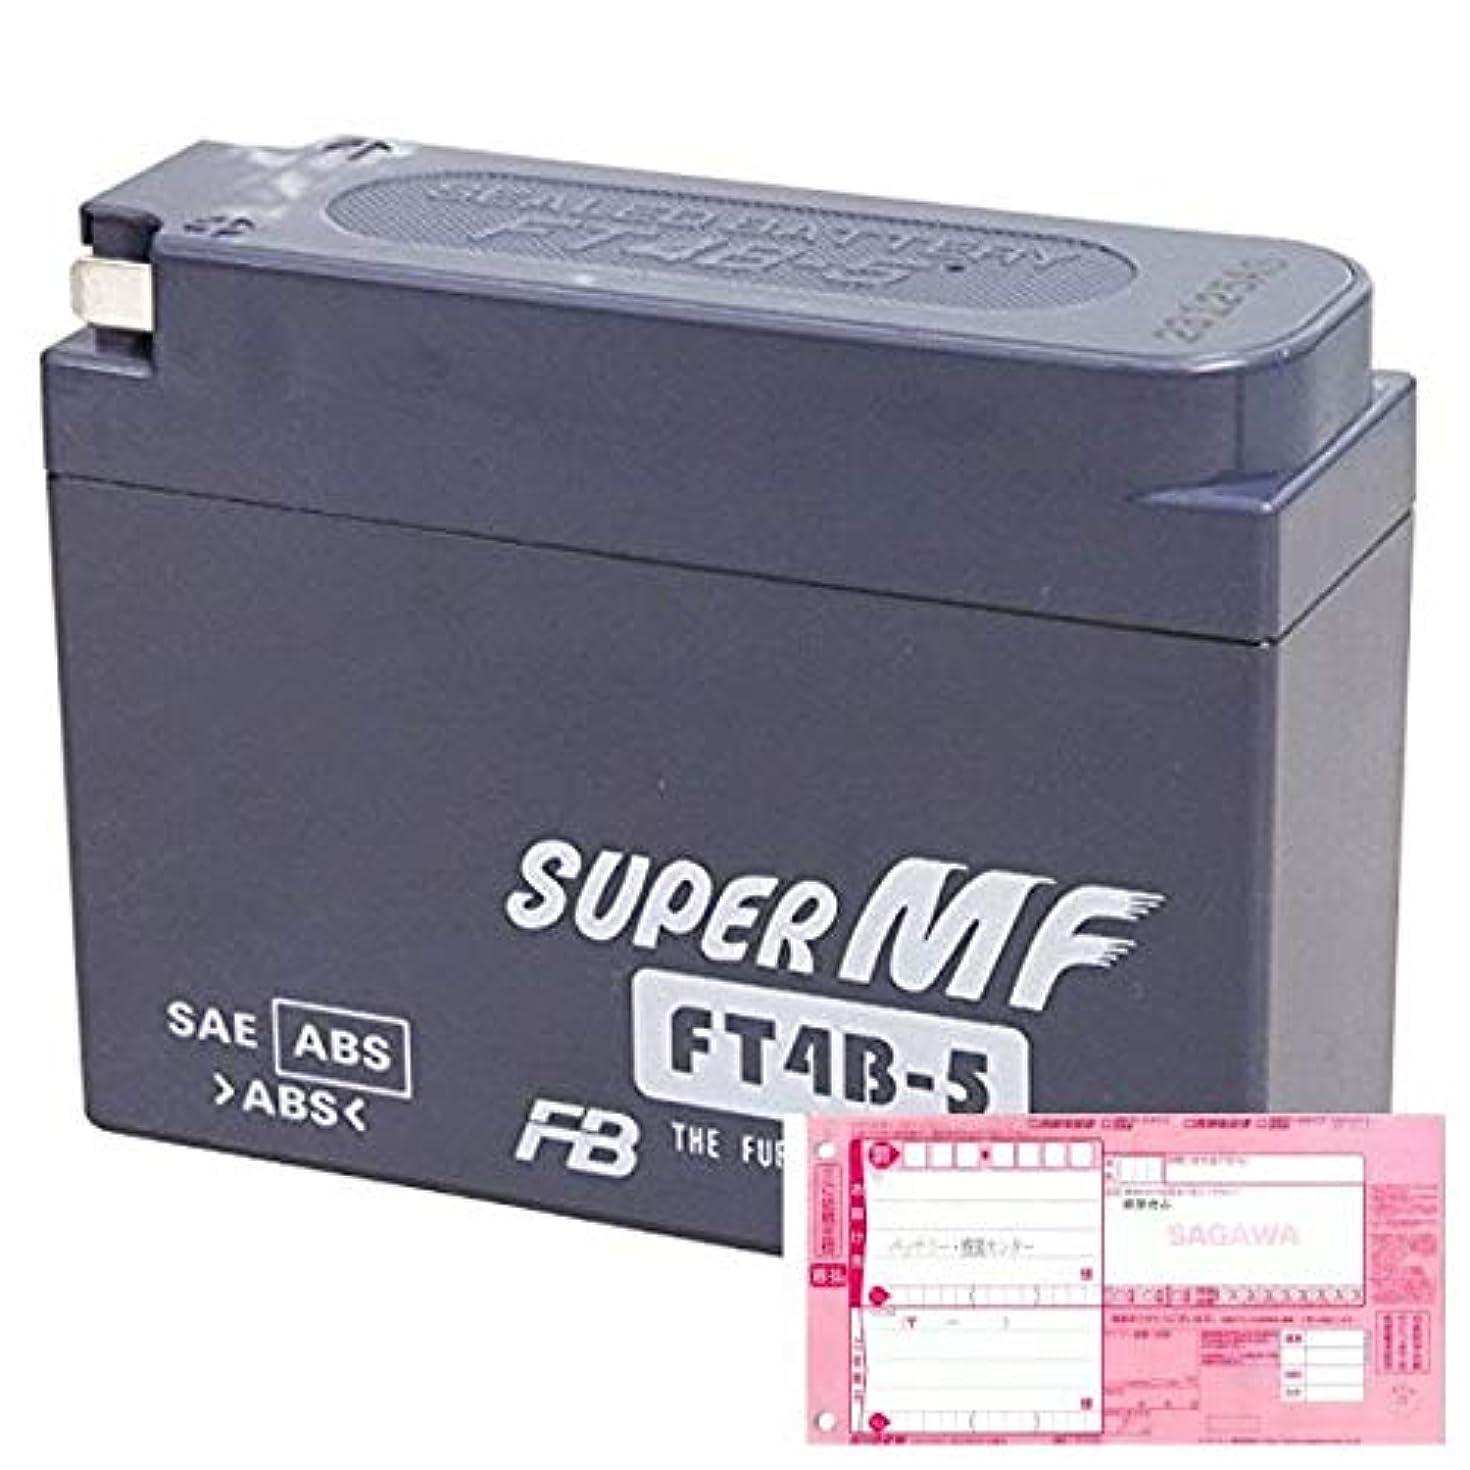 雪だるまアラブサラボ置き場AQUA DREAM 廃棄バッテリー引取対応付 バイクバッテリー 古河電池 FT4B-5